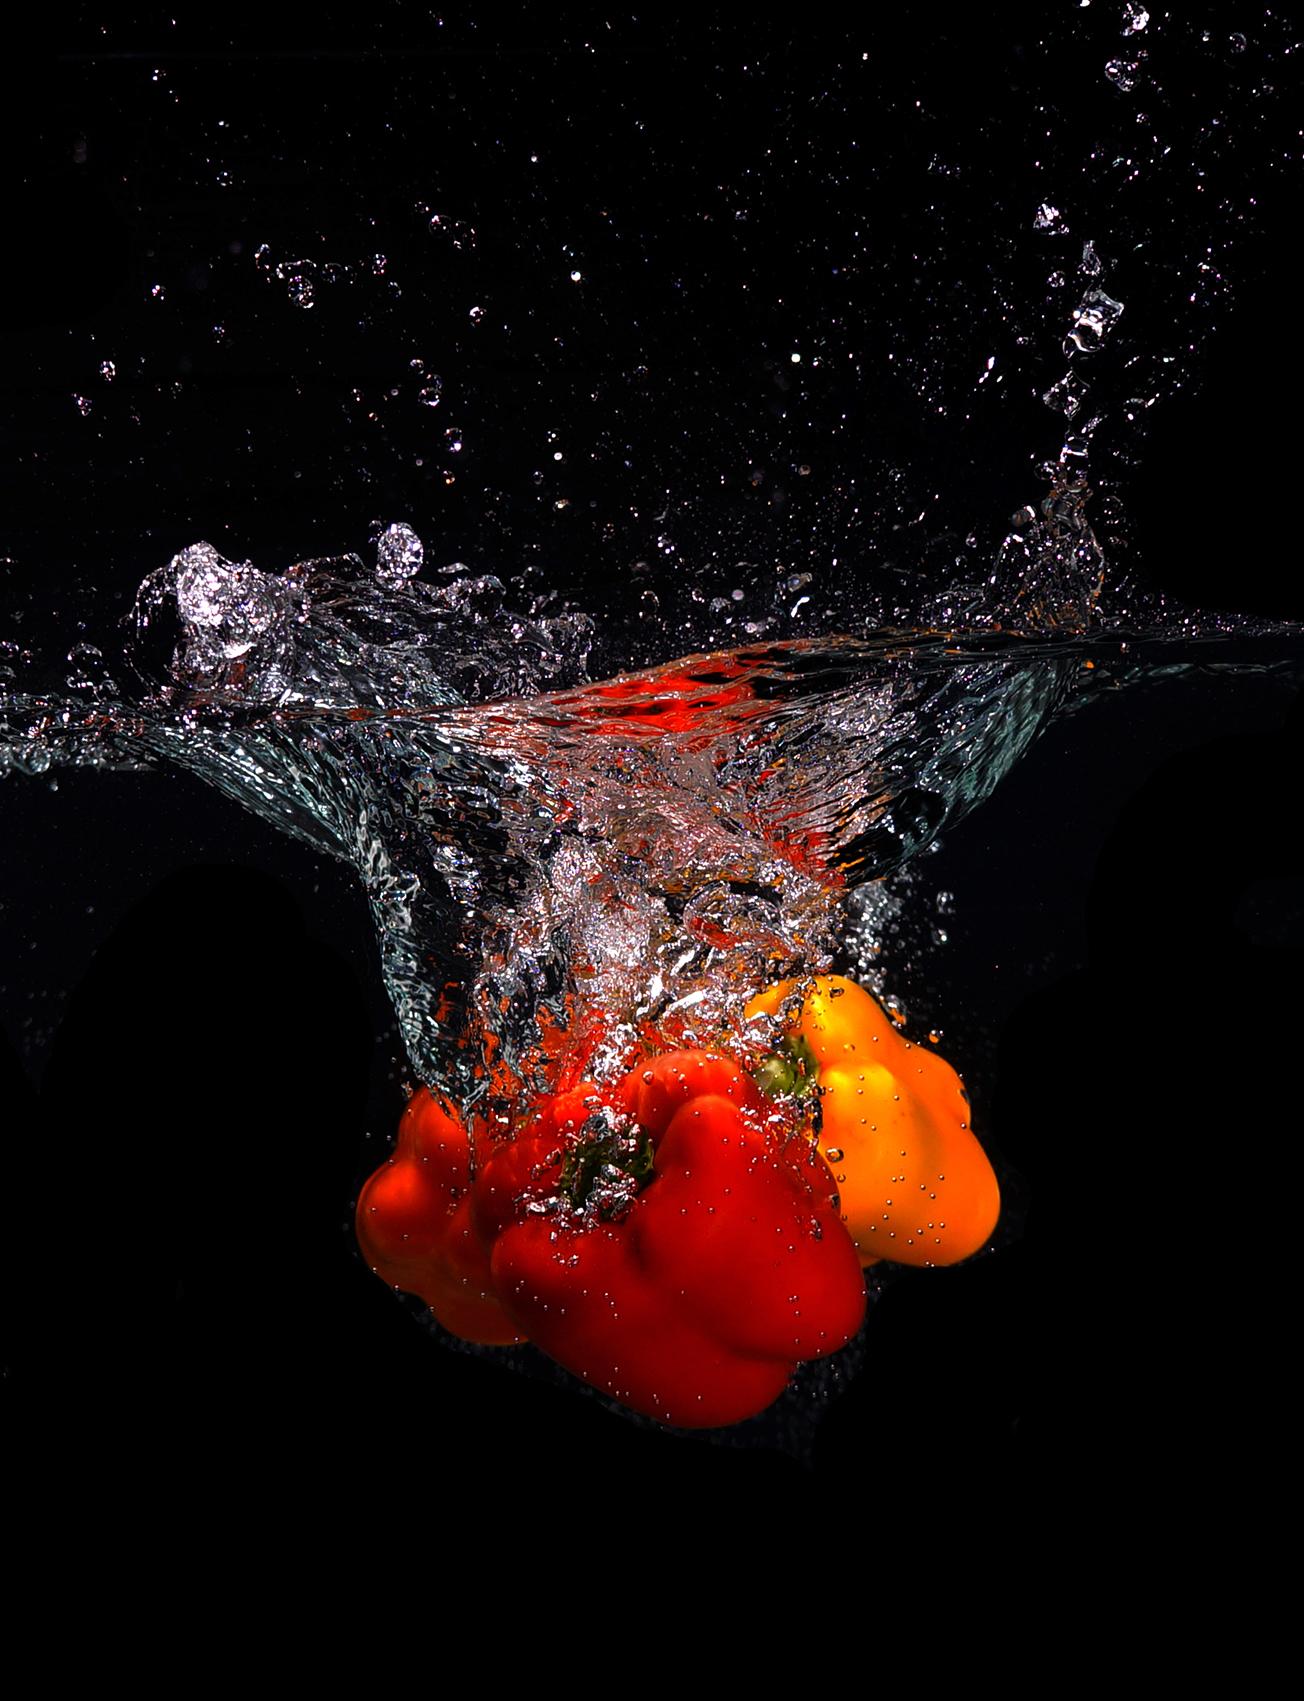 NEW - Capsicum Splash 1 - SOLD